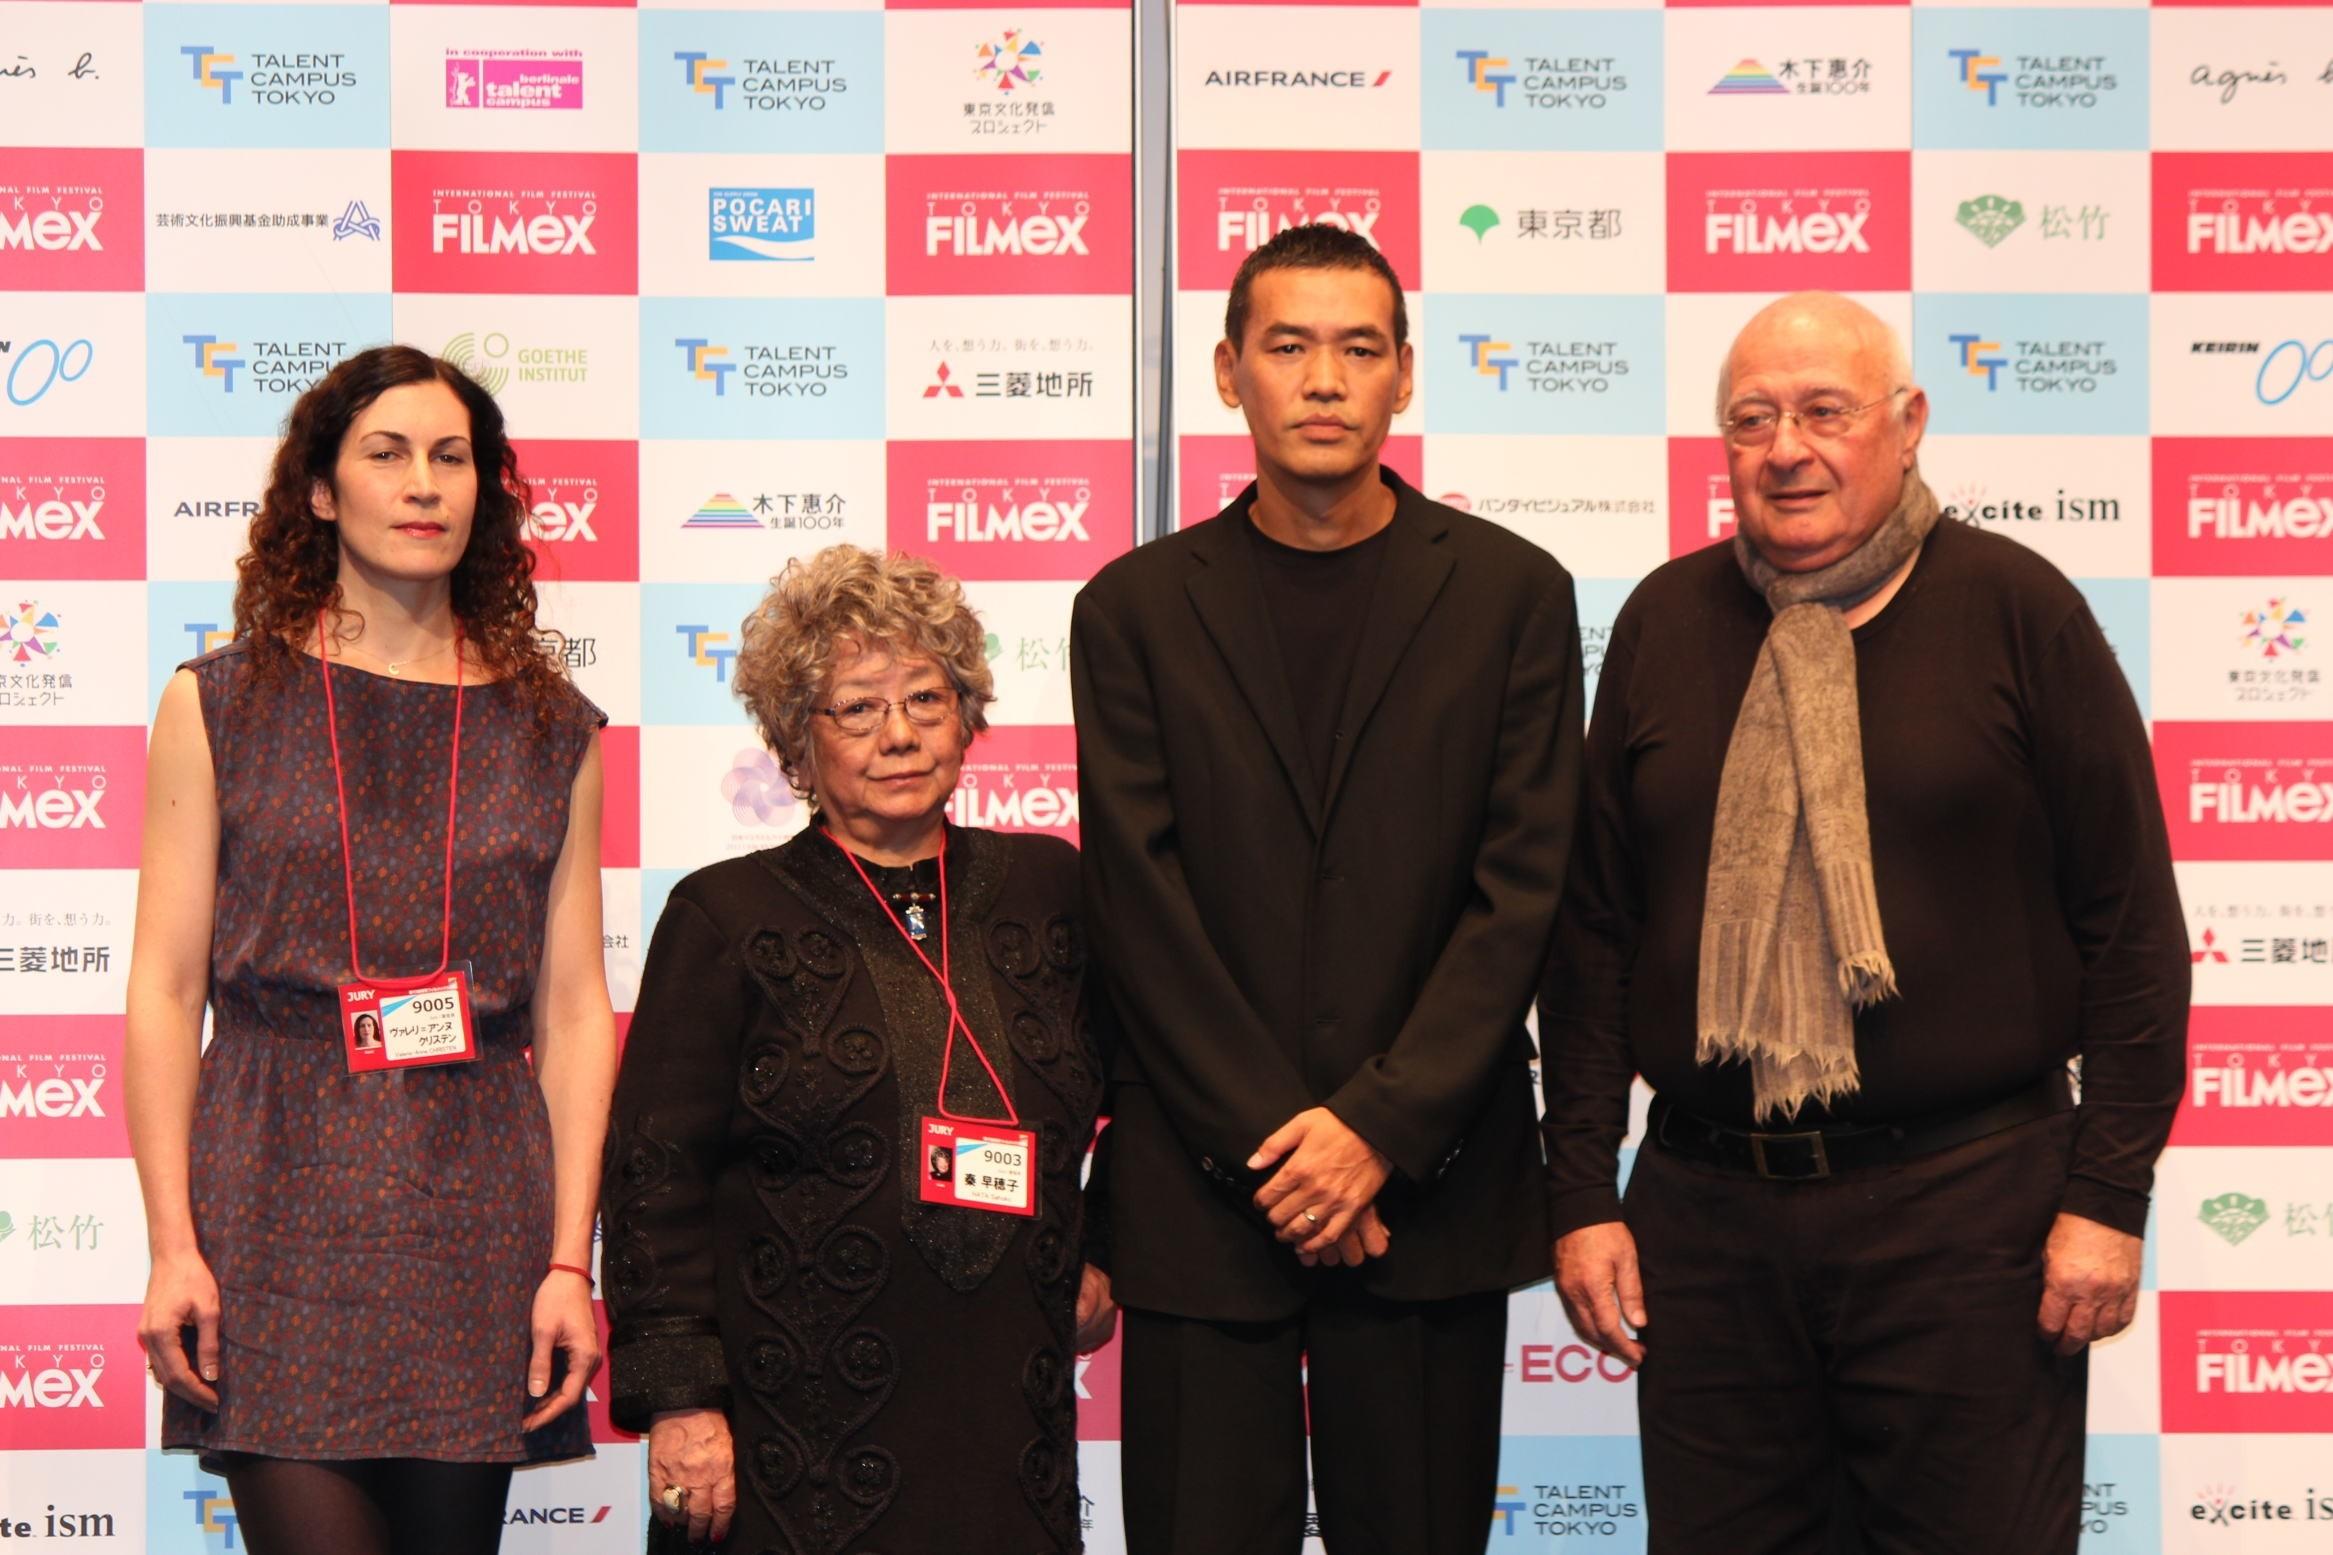 第13回東京フィルメックスが開幕、コンペ部門の審査委員長はSABU監督